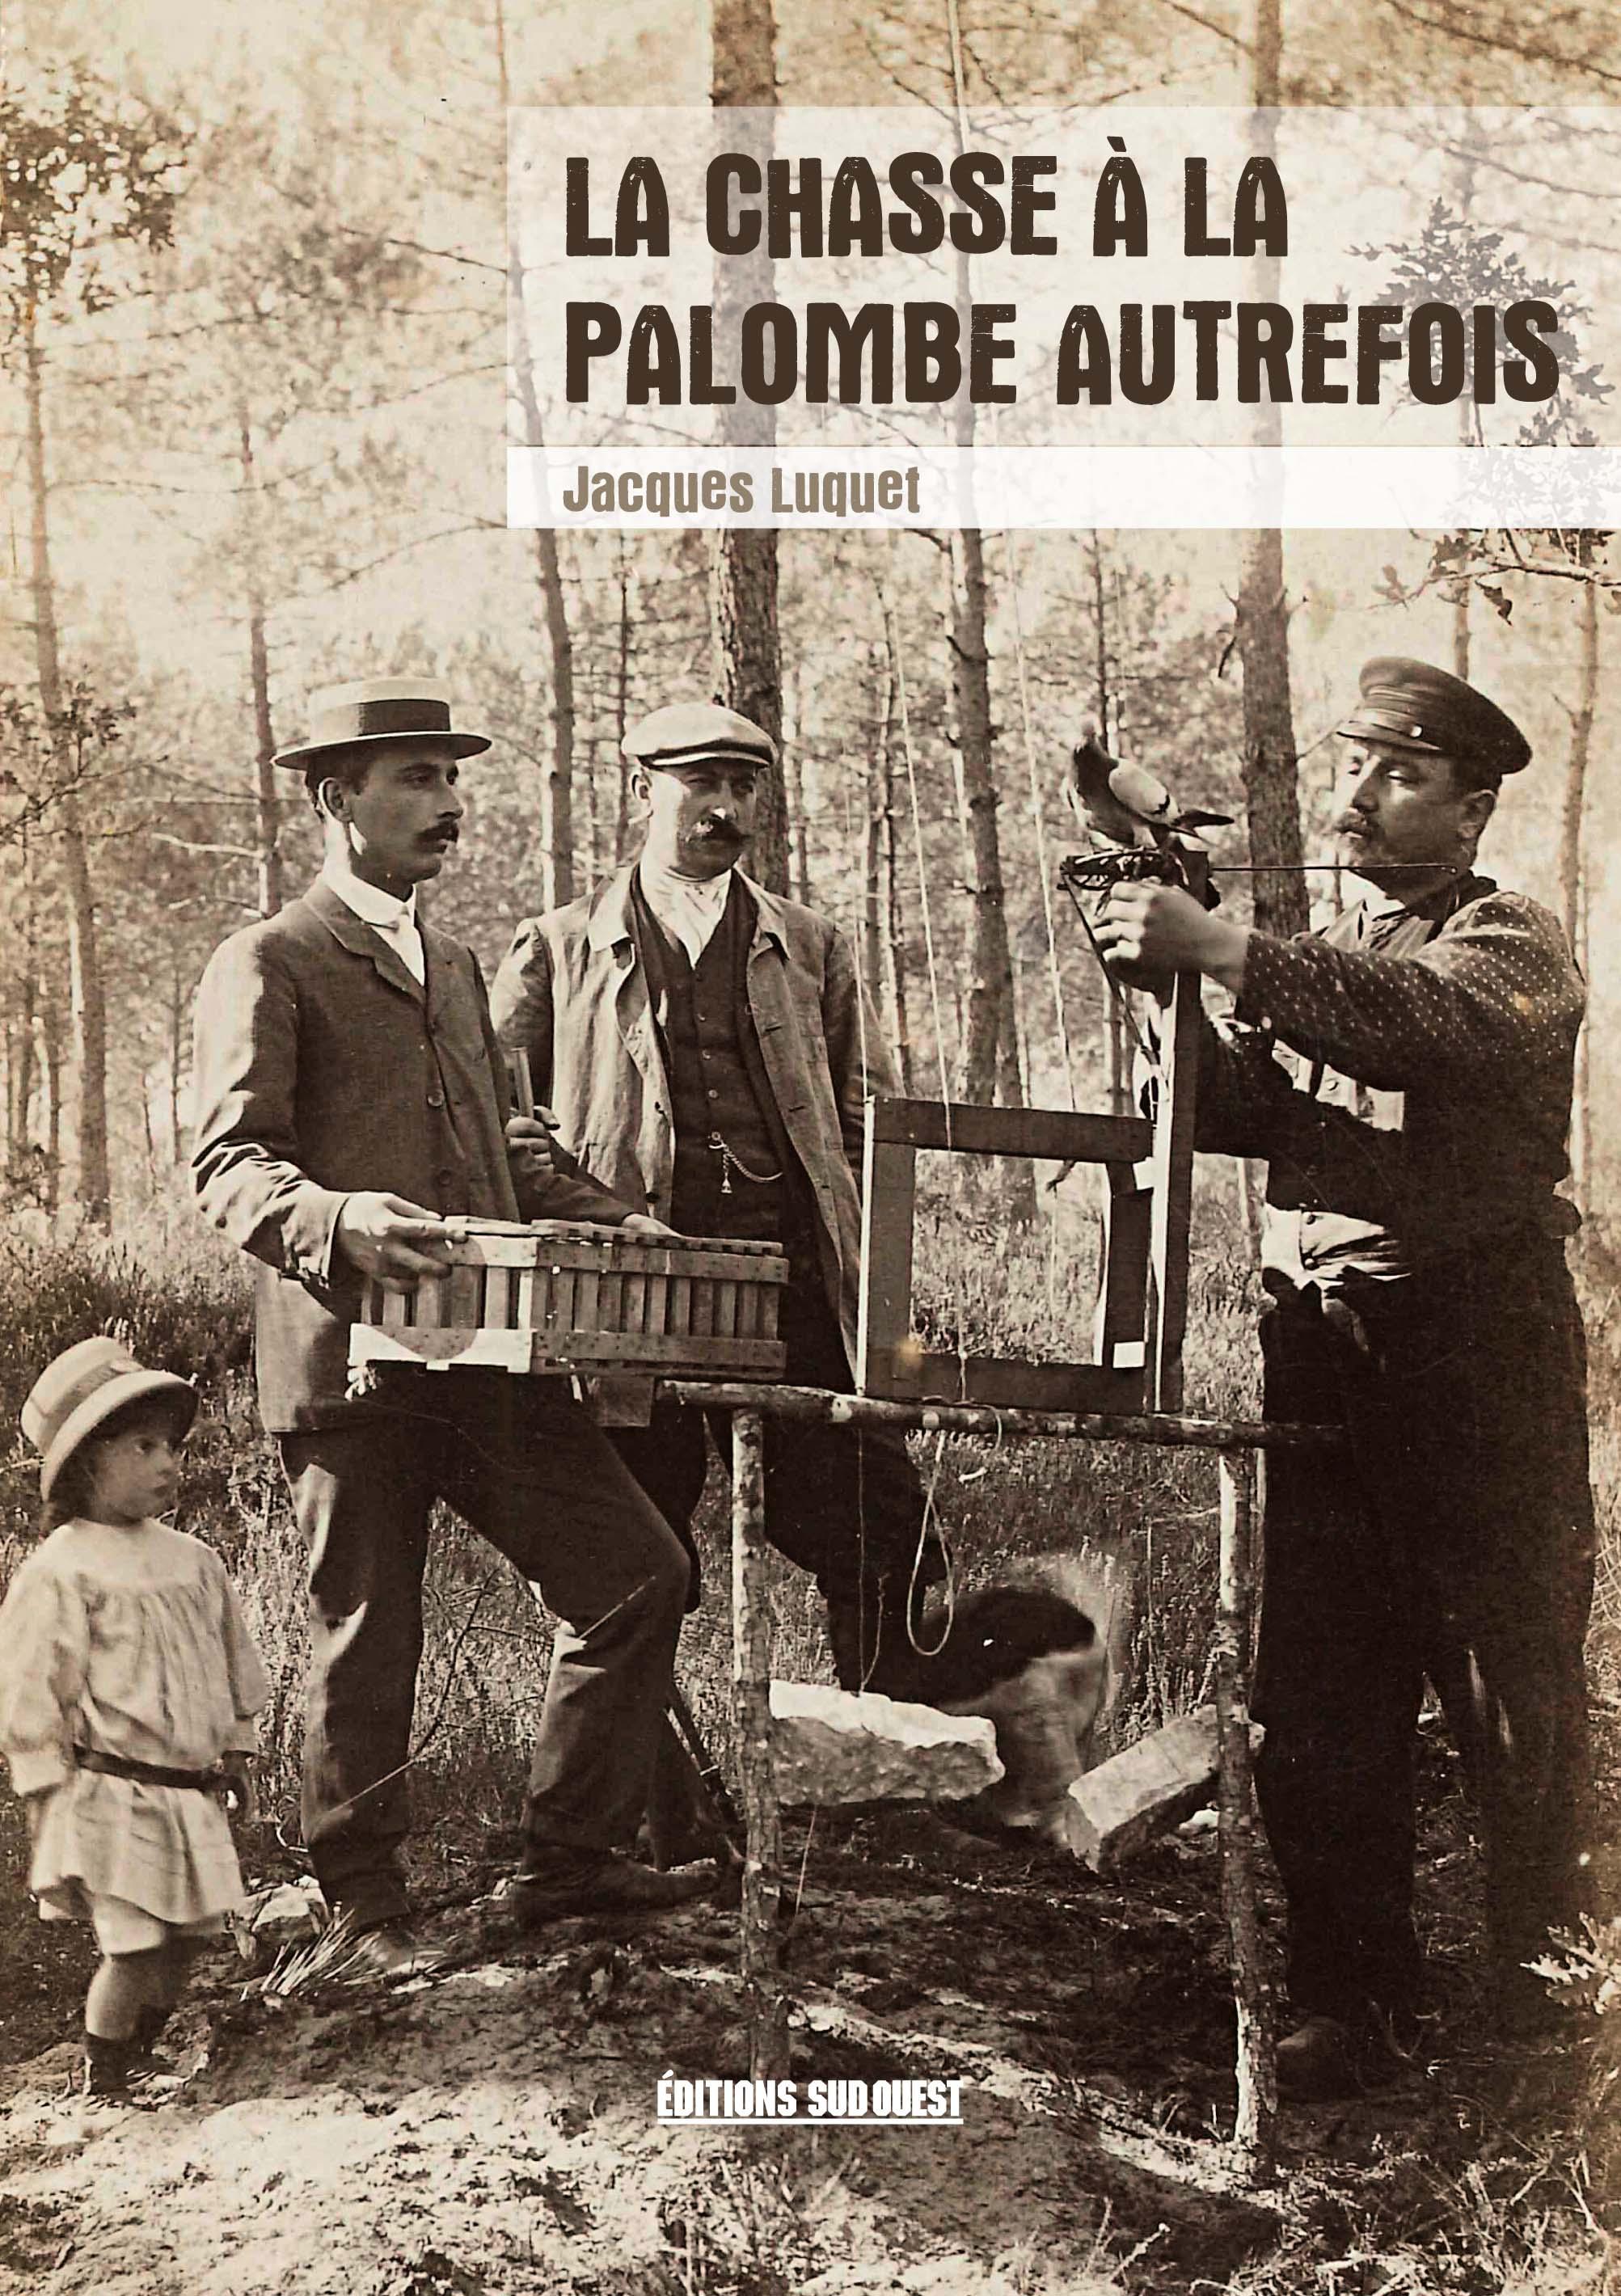 La chasse à la palombe autrefois : d'après la collection de cartes postales de l'auteur